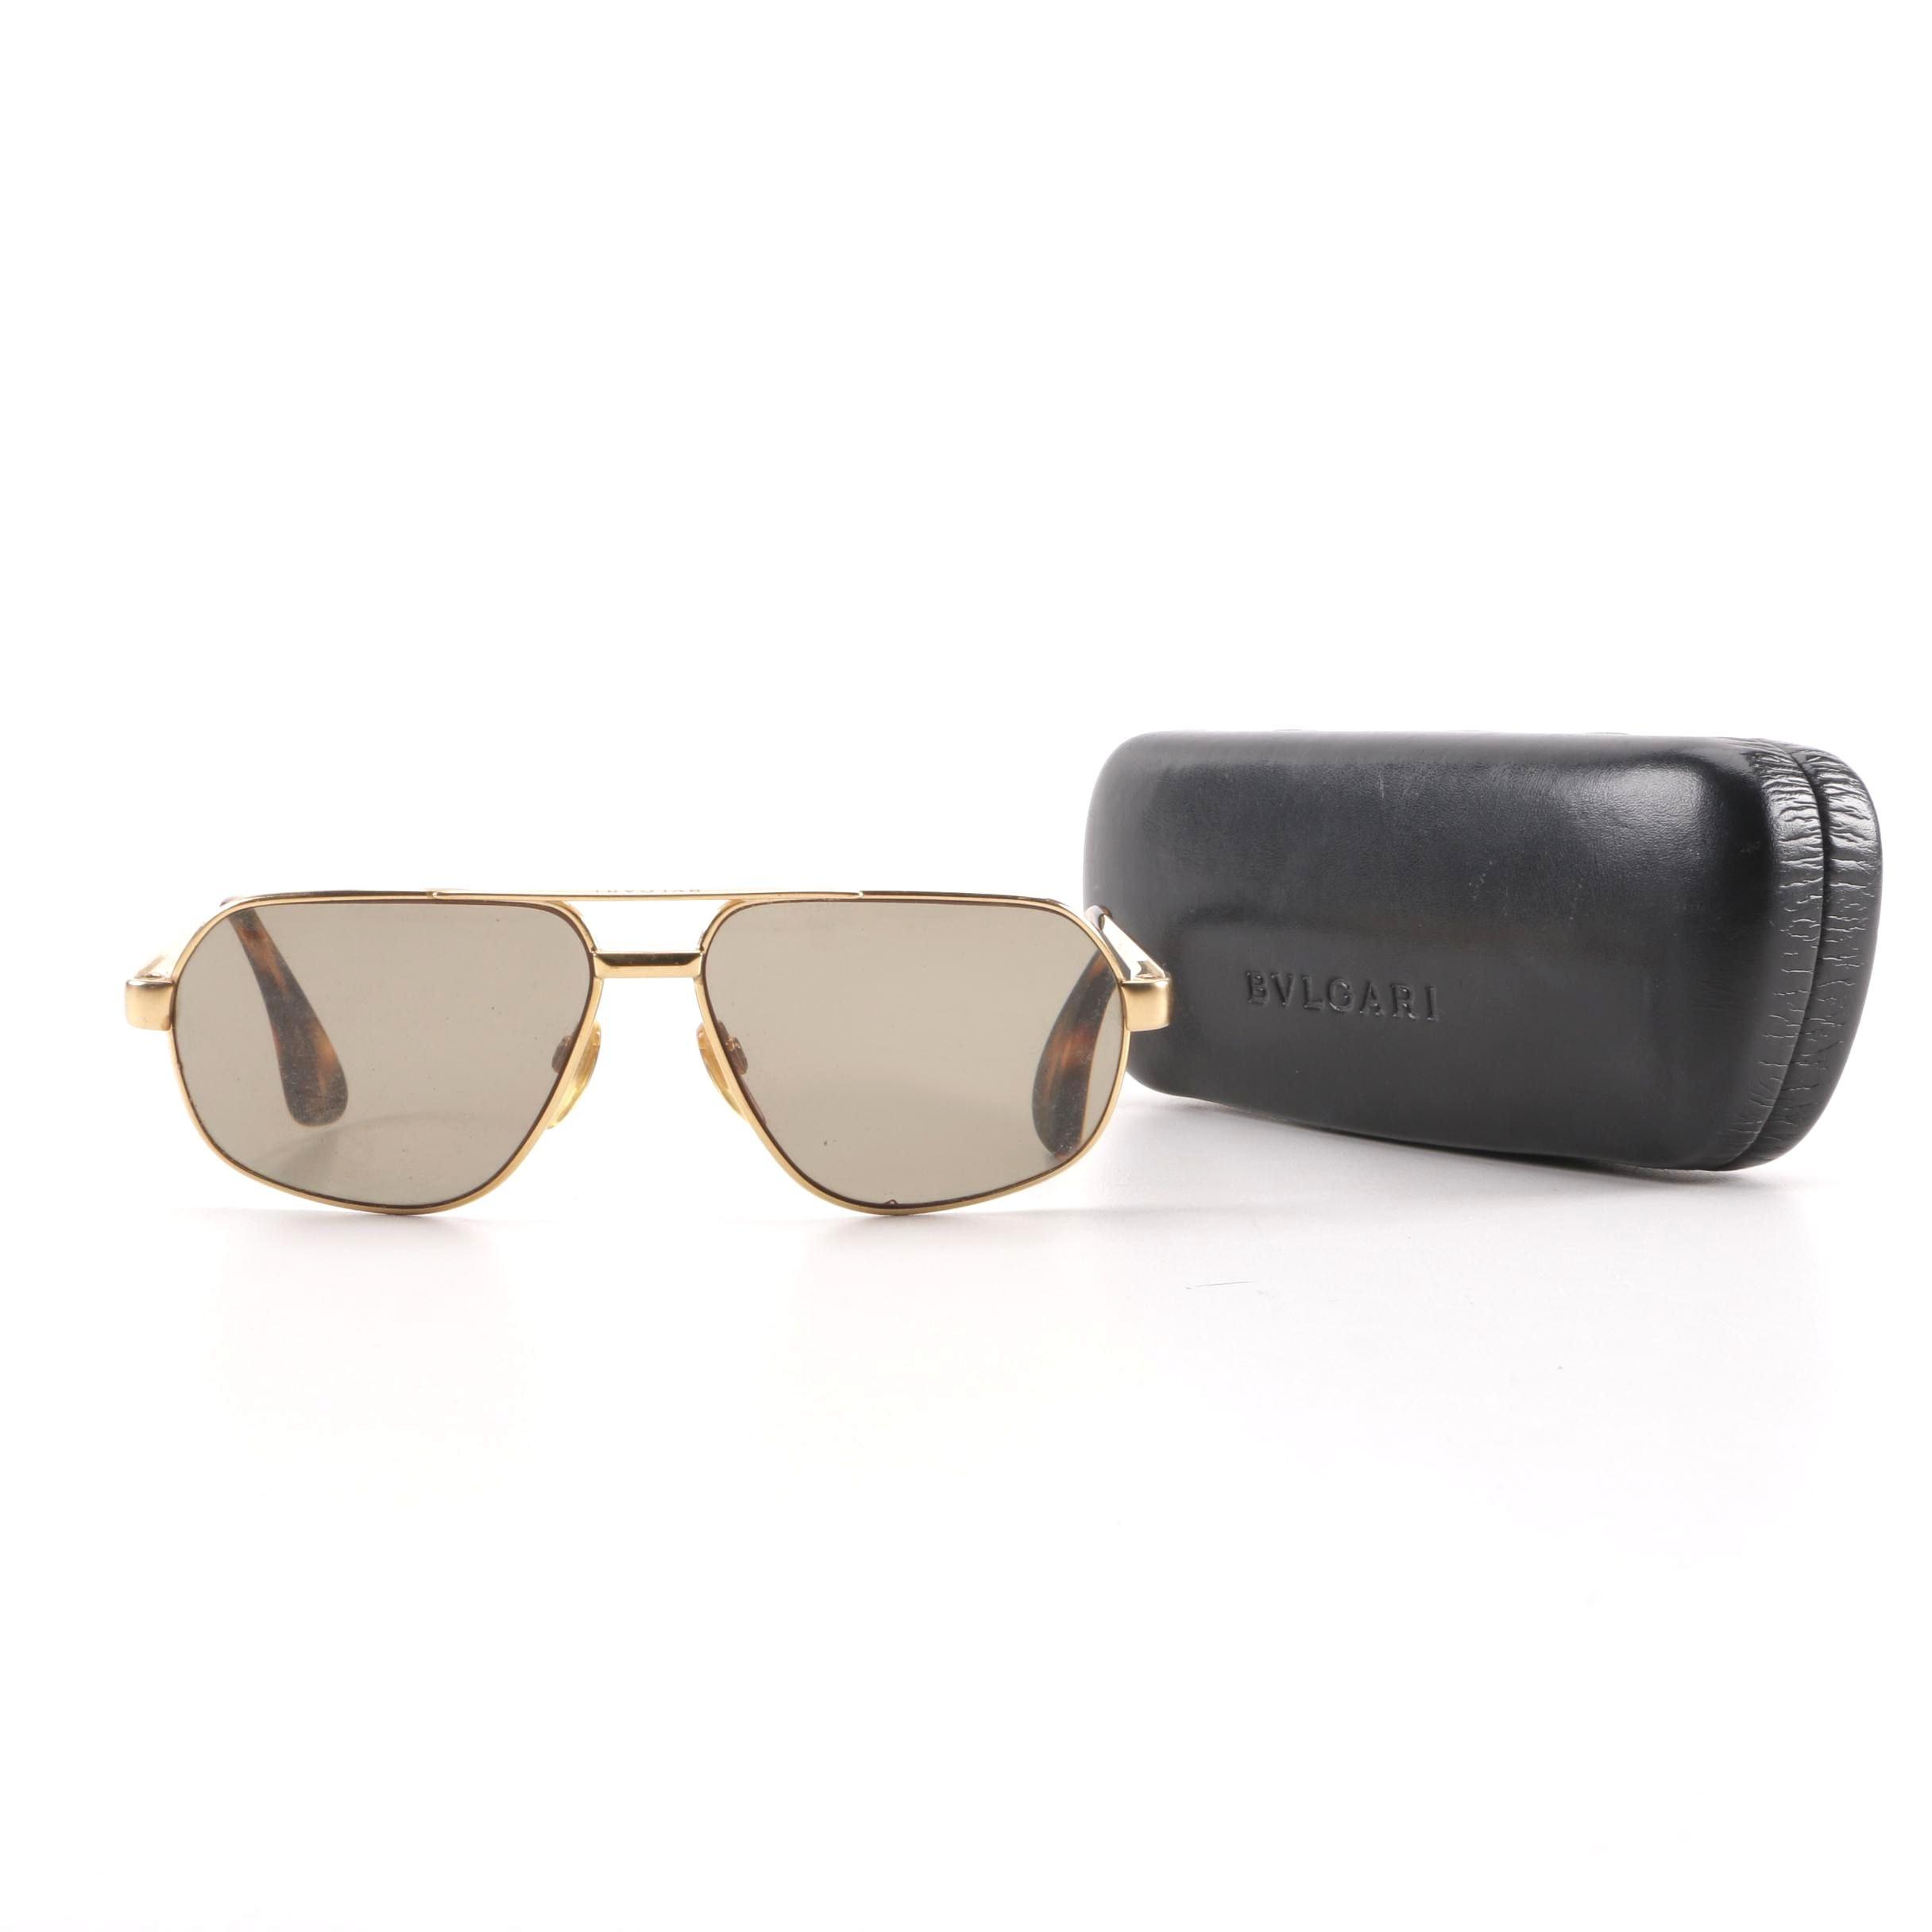 BVLGARI Gold Tone Aviator Prescription Sunglasses with Case, Made in Italy